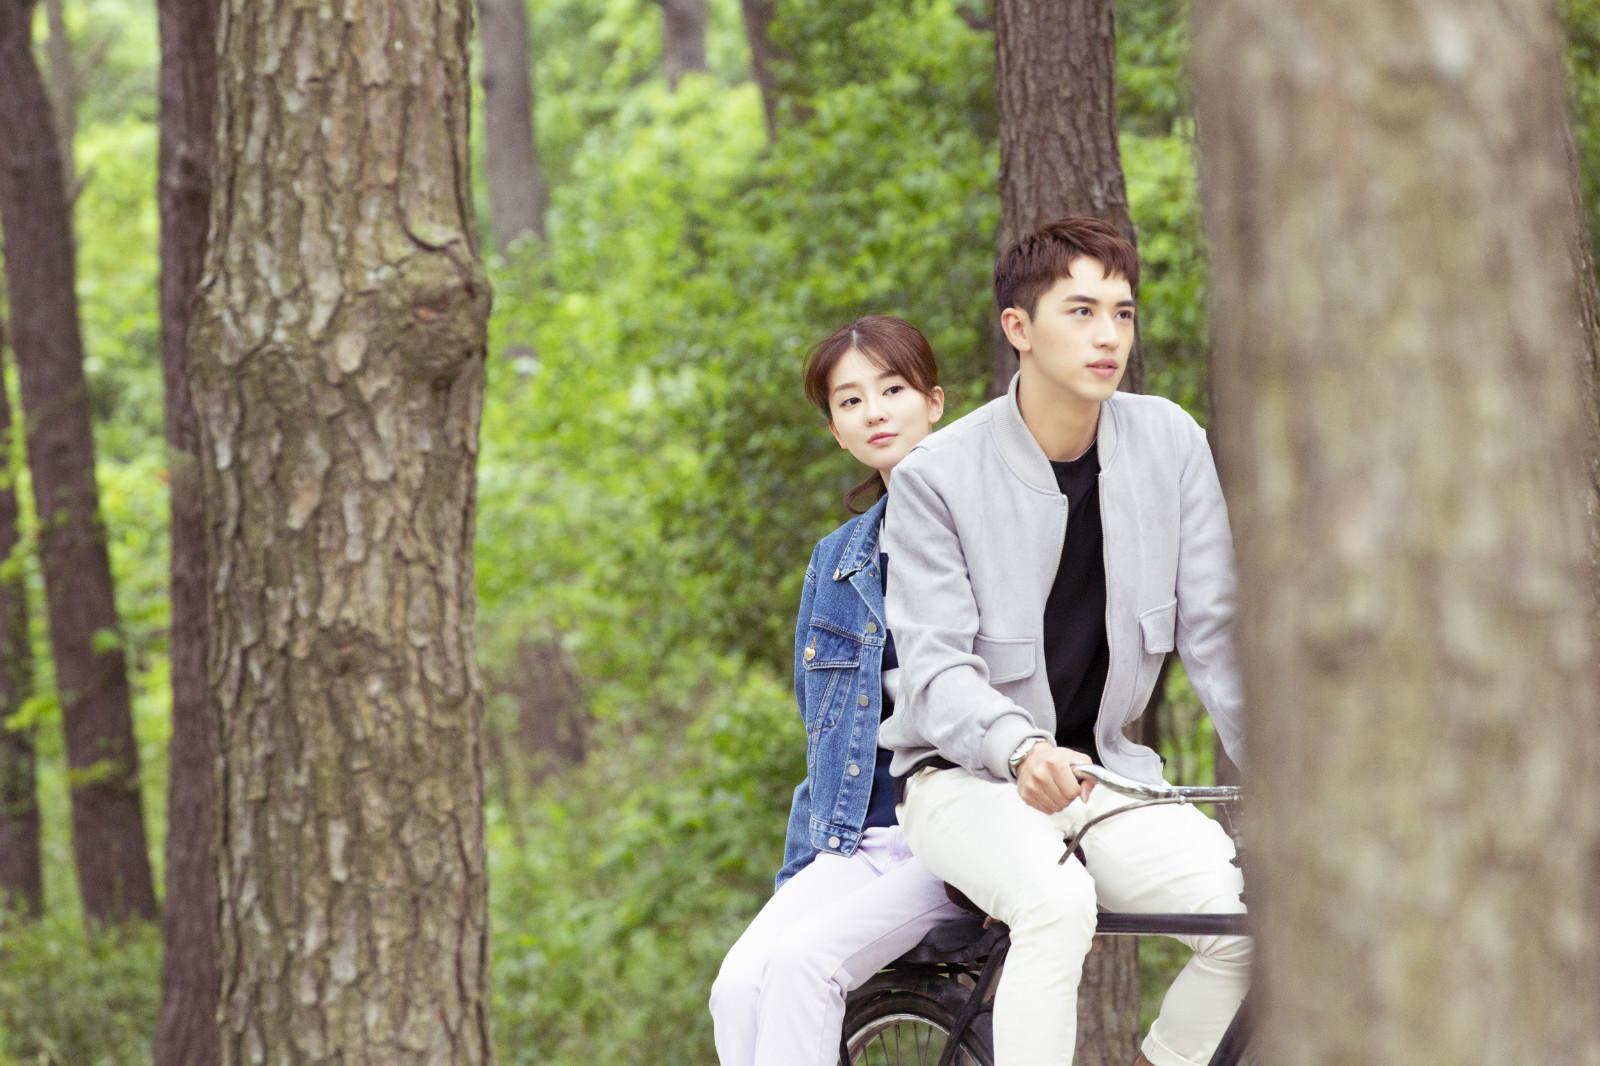 乔欣新作《我不能恋爱的女朋友》定档10月8日